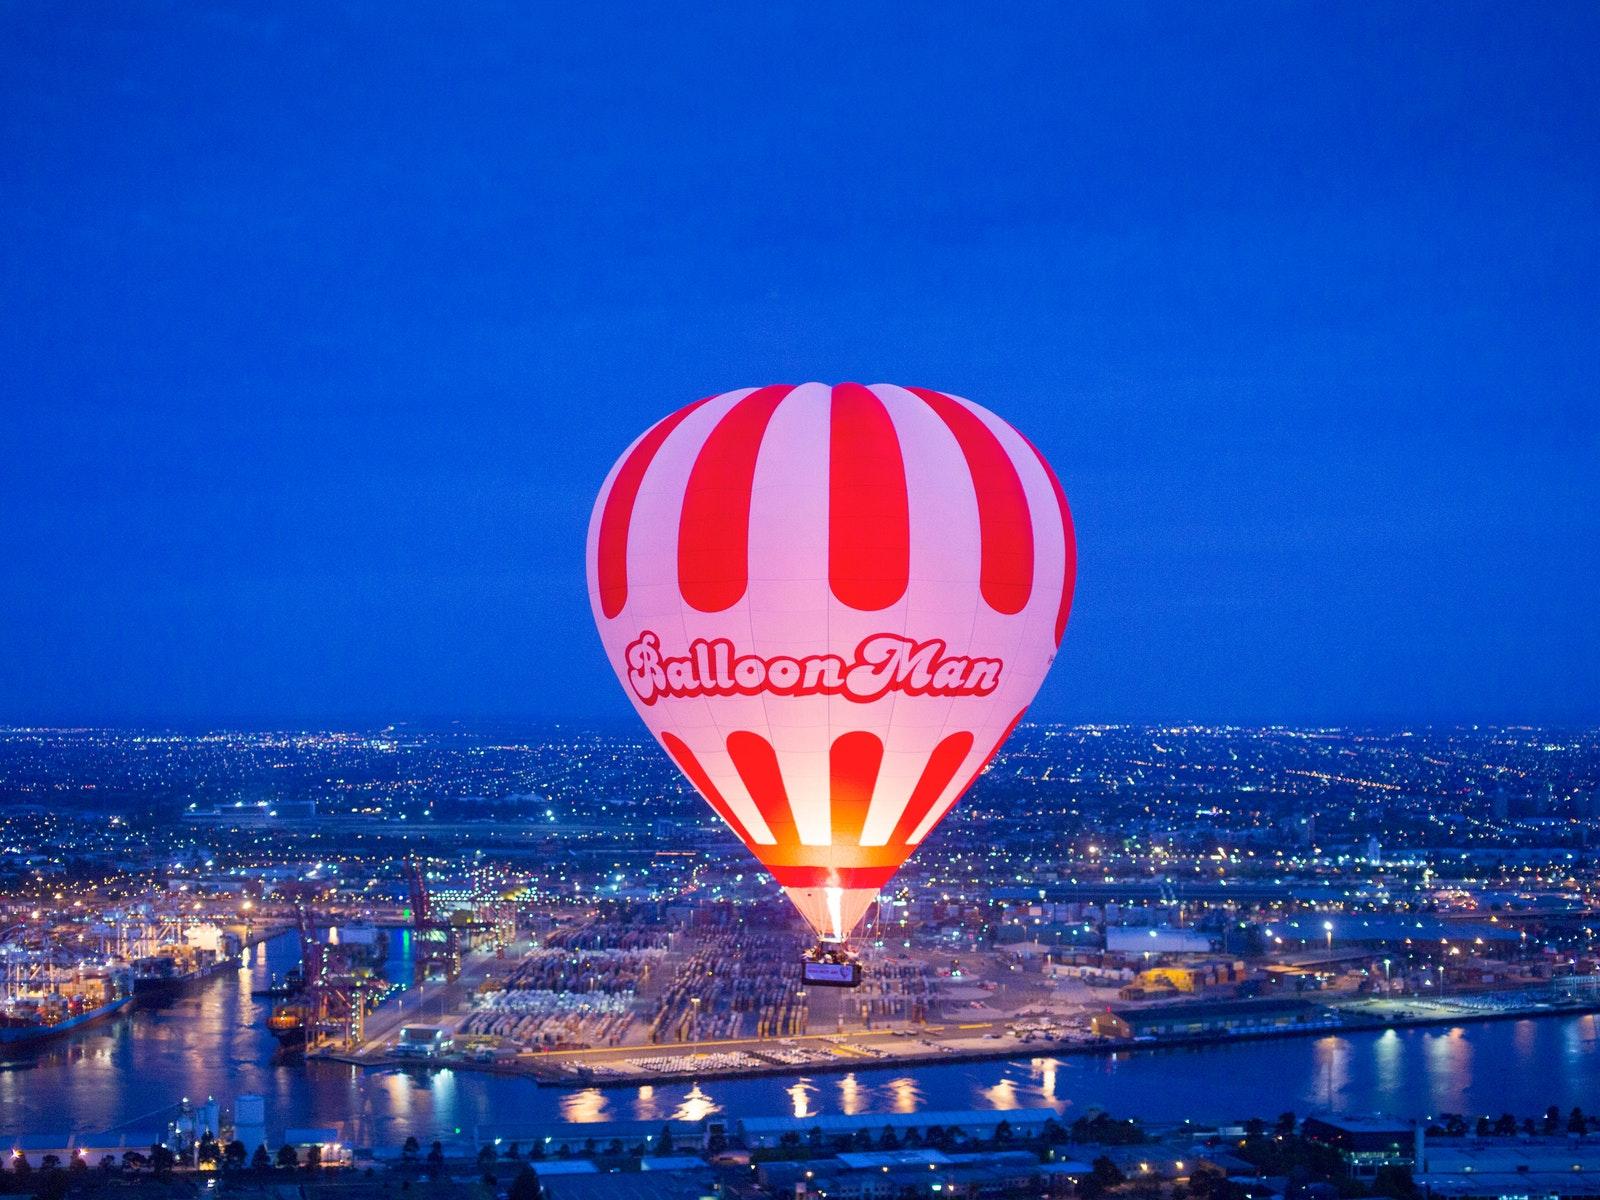 BalloonMan Melbourne